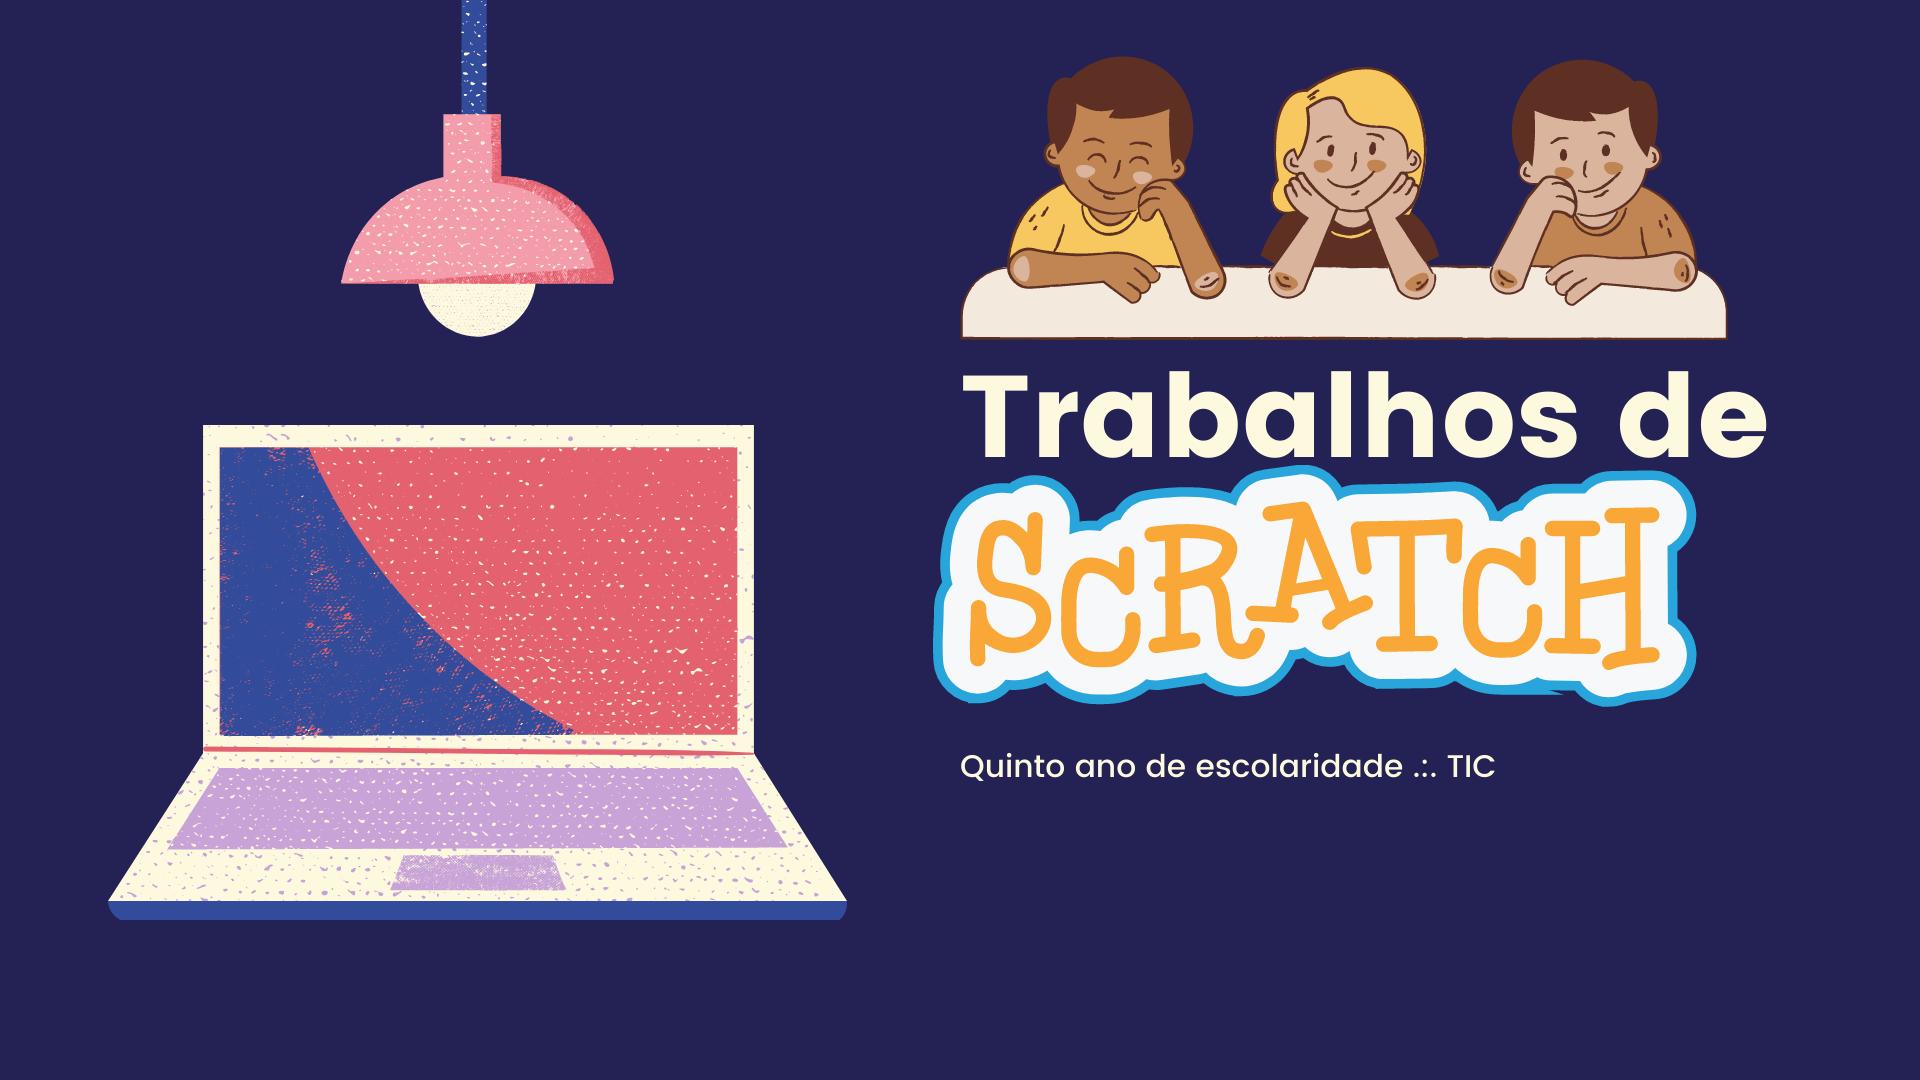 Trabalhos de Scratch .:. TIC